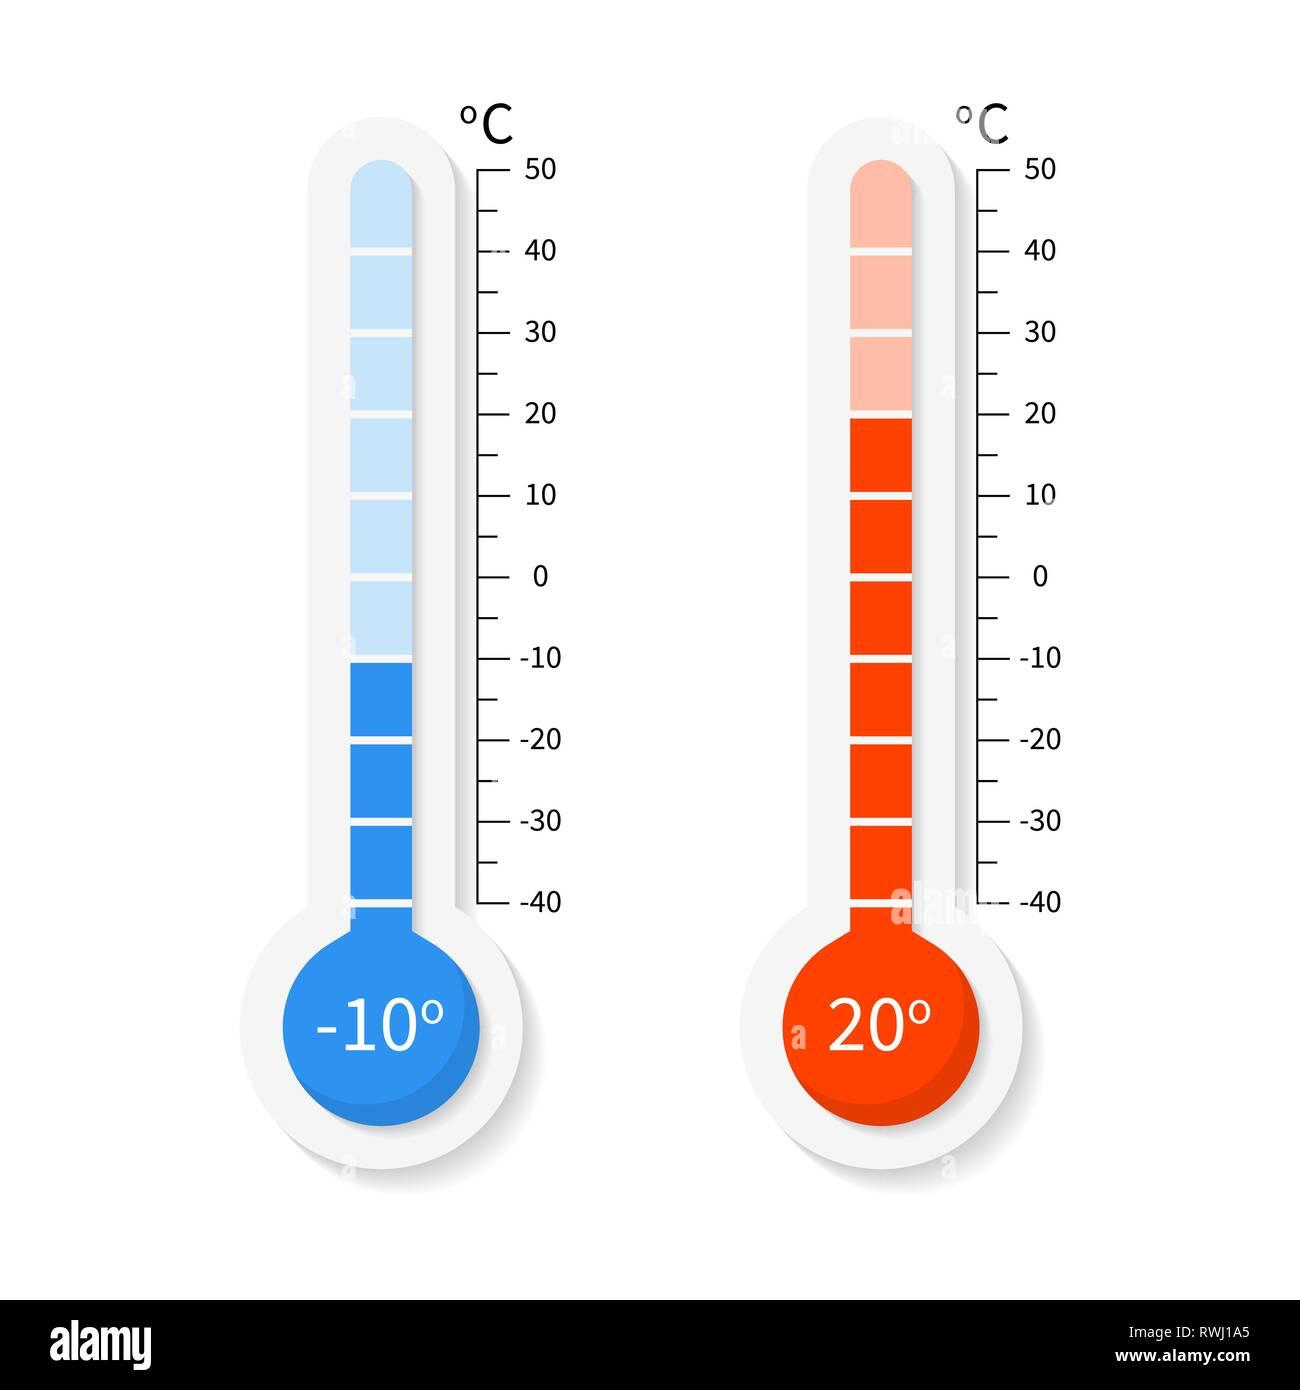 Vector Termometros Meteorologia En Grados Celsius Y Fahrenheit Imagen Vector De Stock Alamy Funcionamiento de termometro con sonda, en café caliente. https www alamy es vector termometros meteorologia en grados celsius y fahrenheit image239497389 html